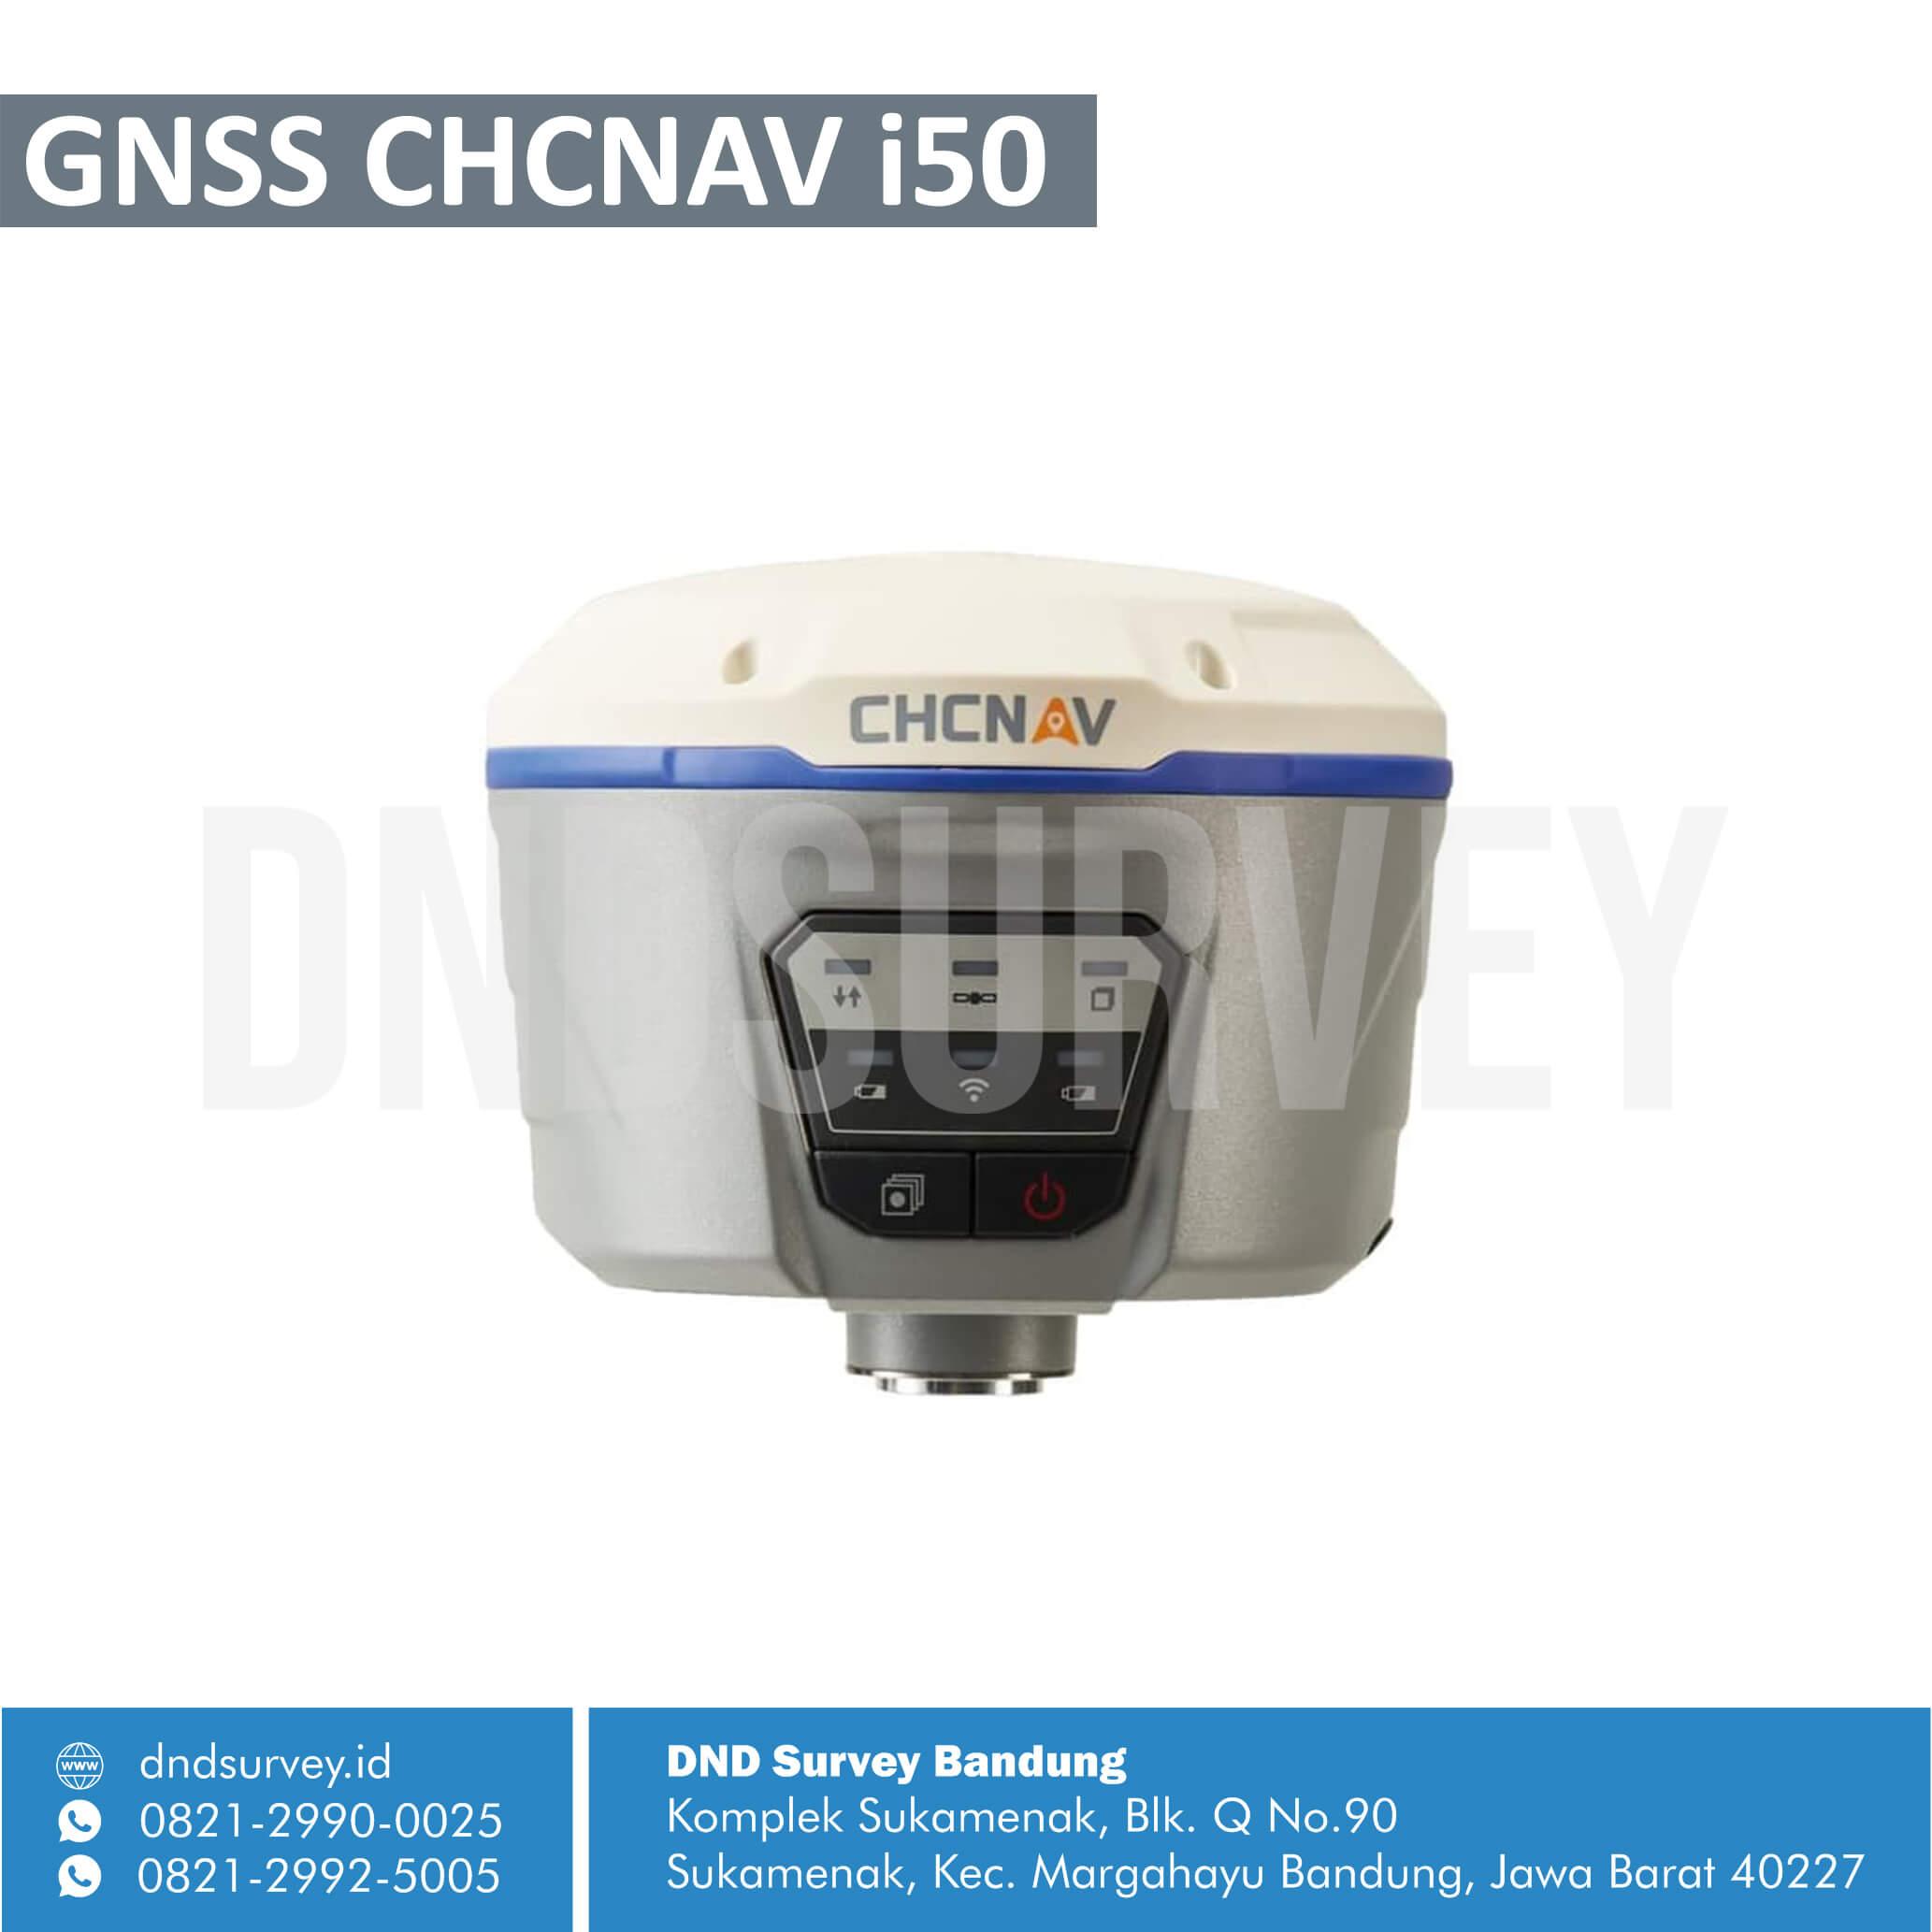 GNSS CHCNAV i50